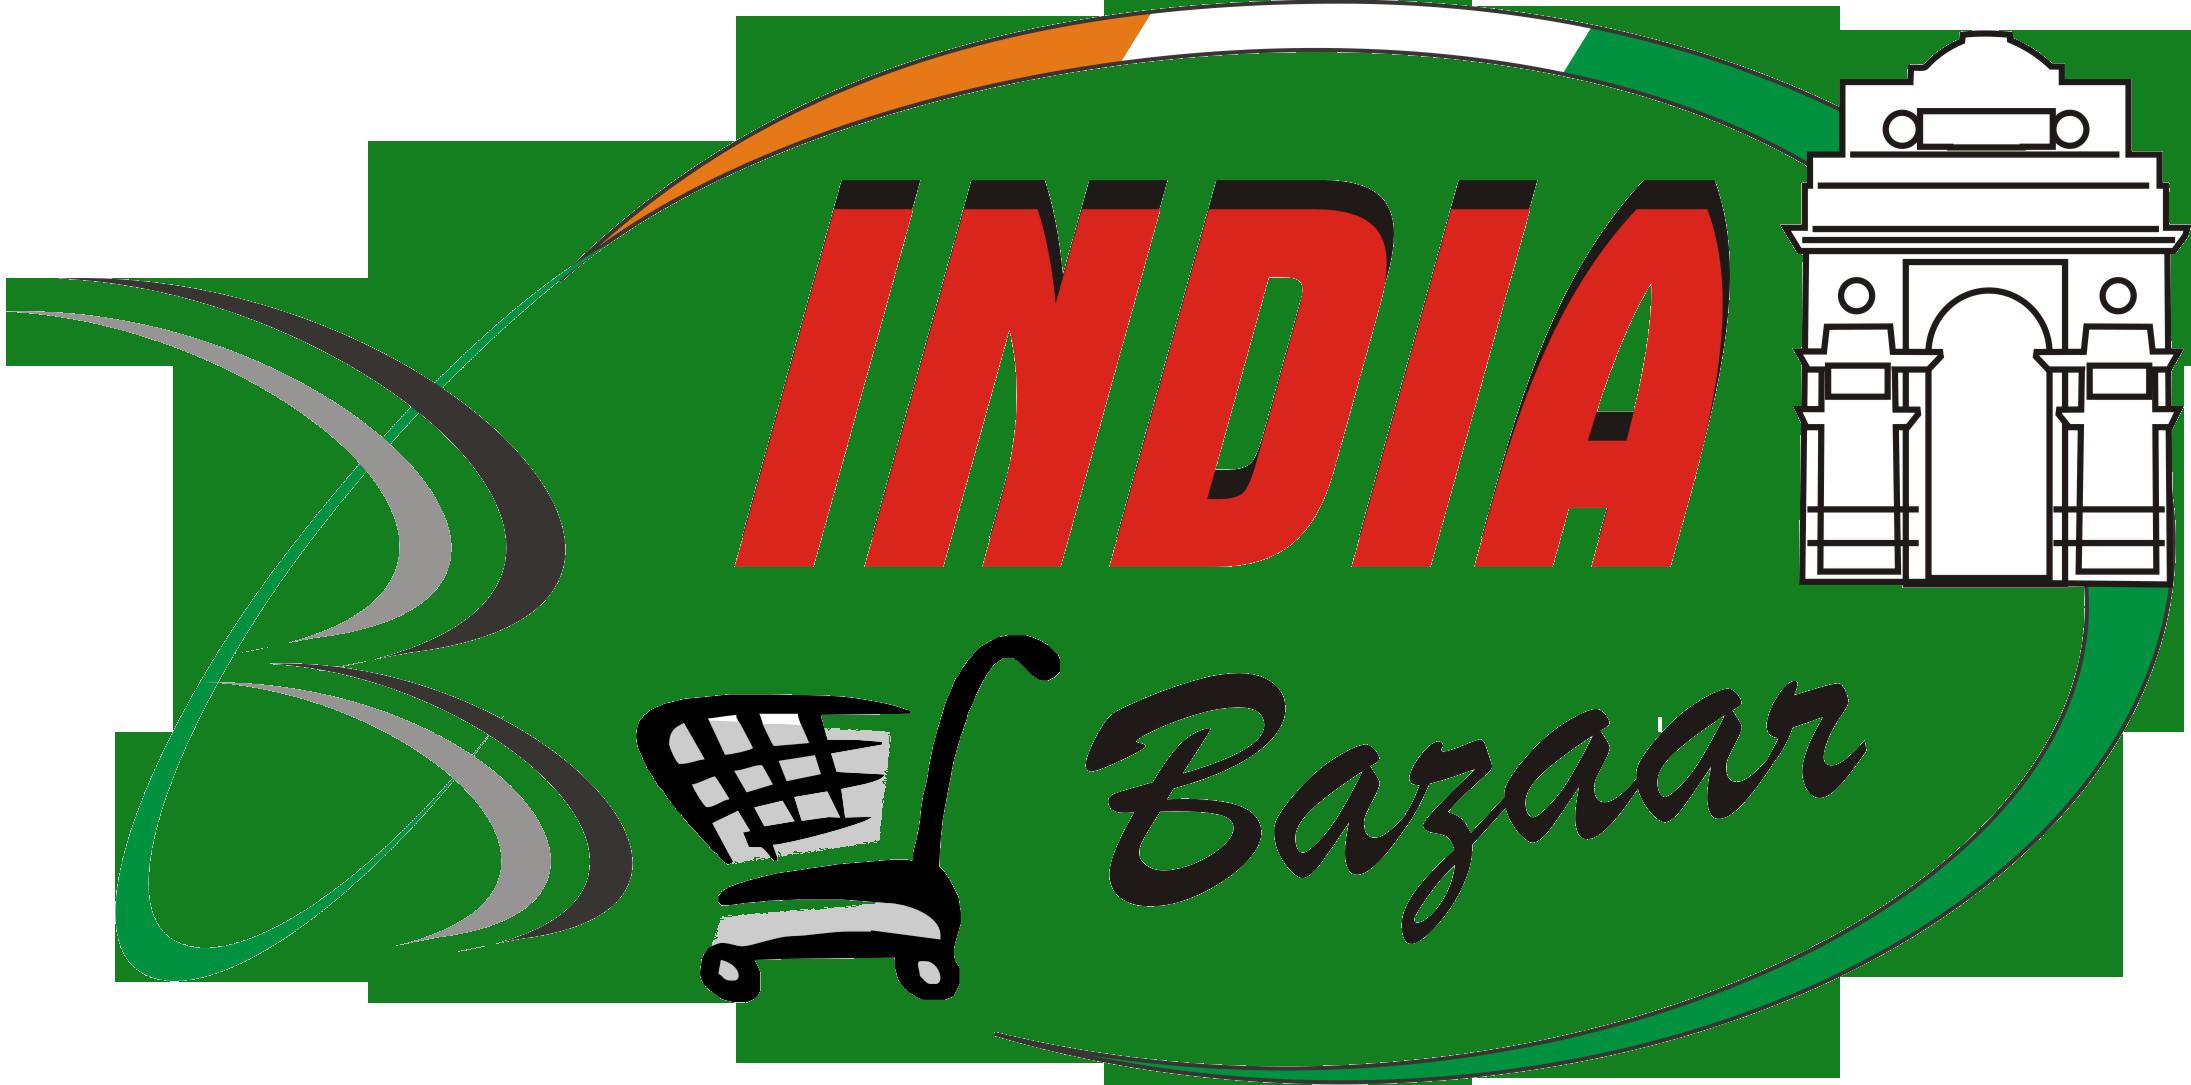 India bazaar . Grocery clipart supermart